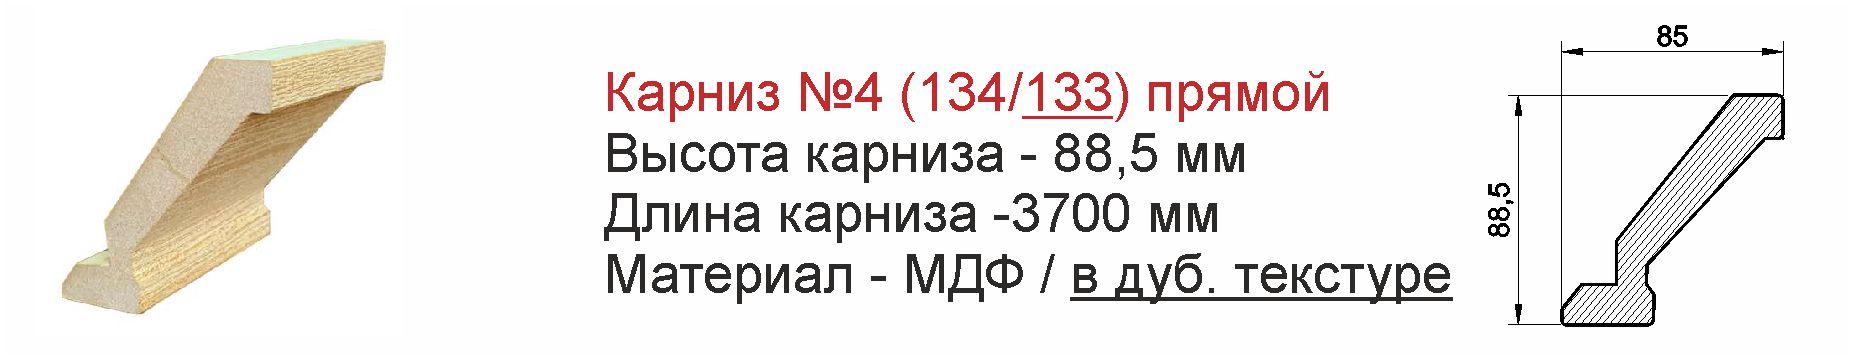 Мебельный карниз из МДФ №4 (134/133)